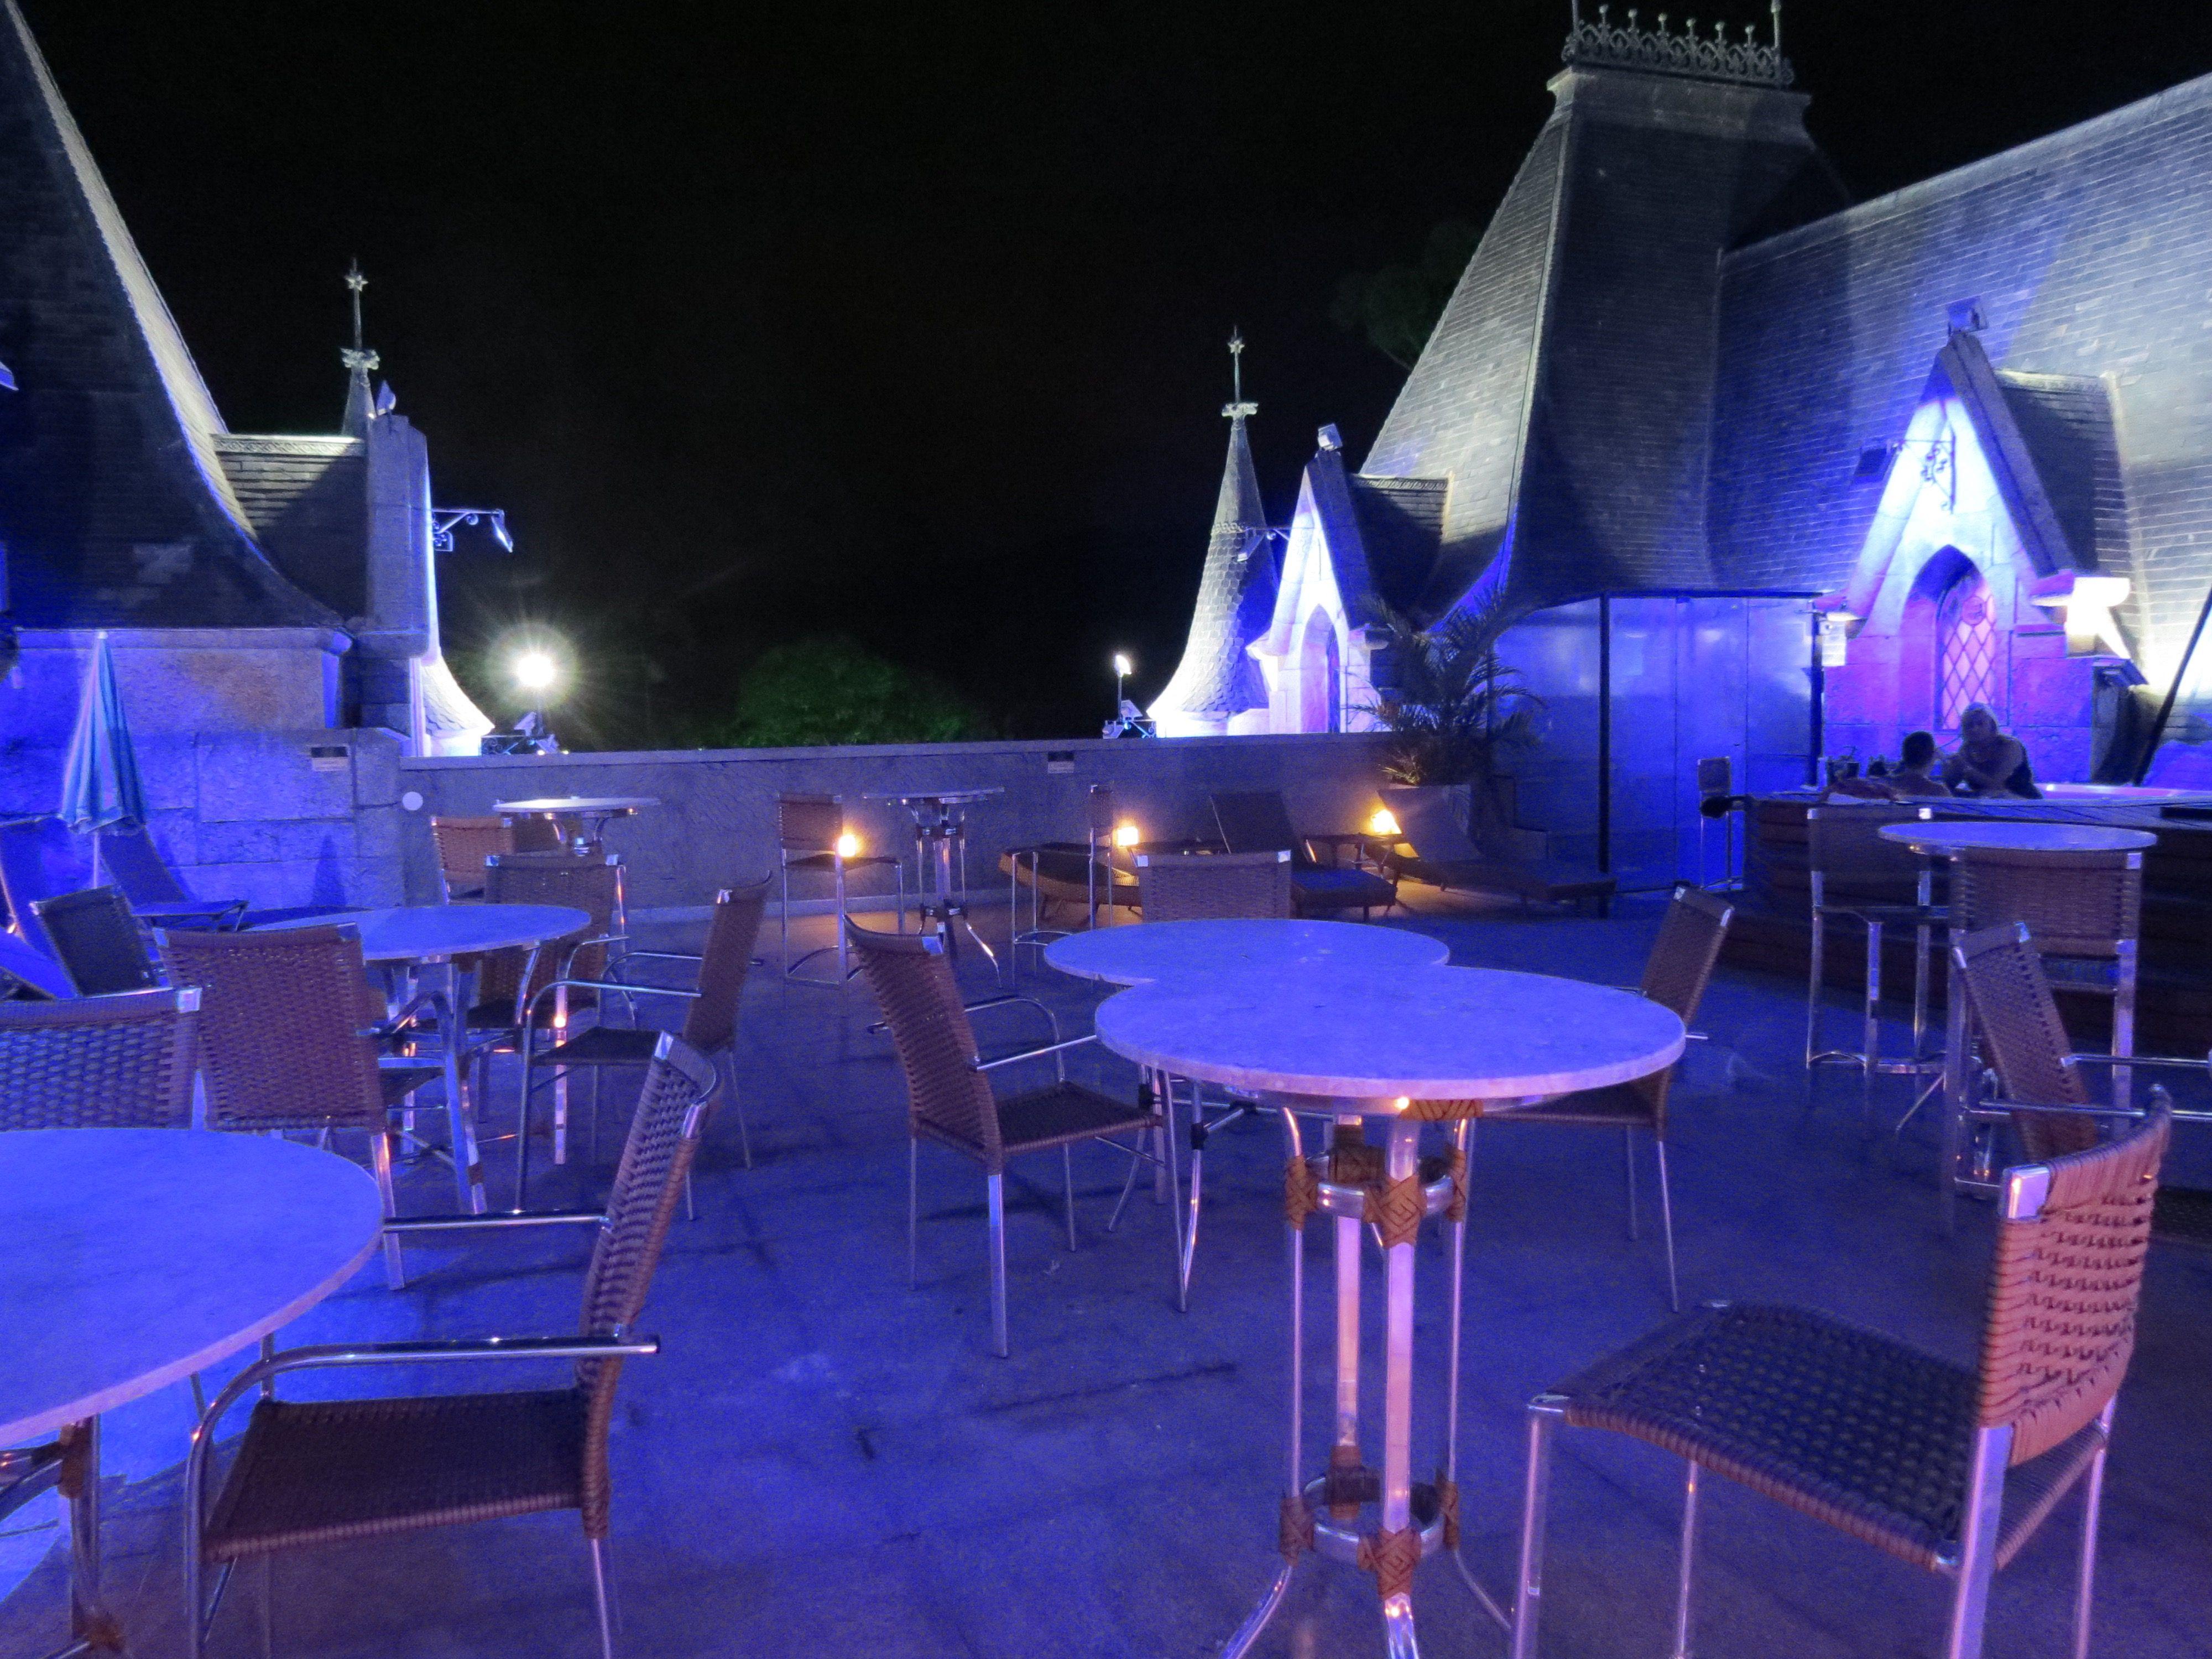 """O Castelo de Itaipava pela visão do Blog #MaiorViagem: """"tão famoso por suas festas e casamentos, passou a oferecer serviço de hotelaria. O Castelo de …"""" #petropolis #itaipavarj"""